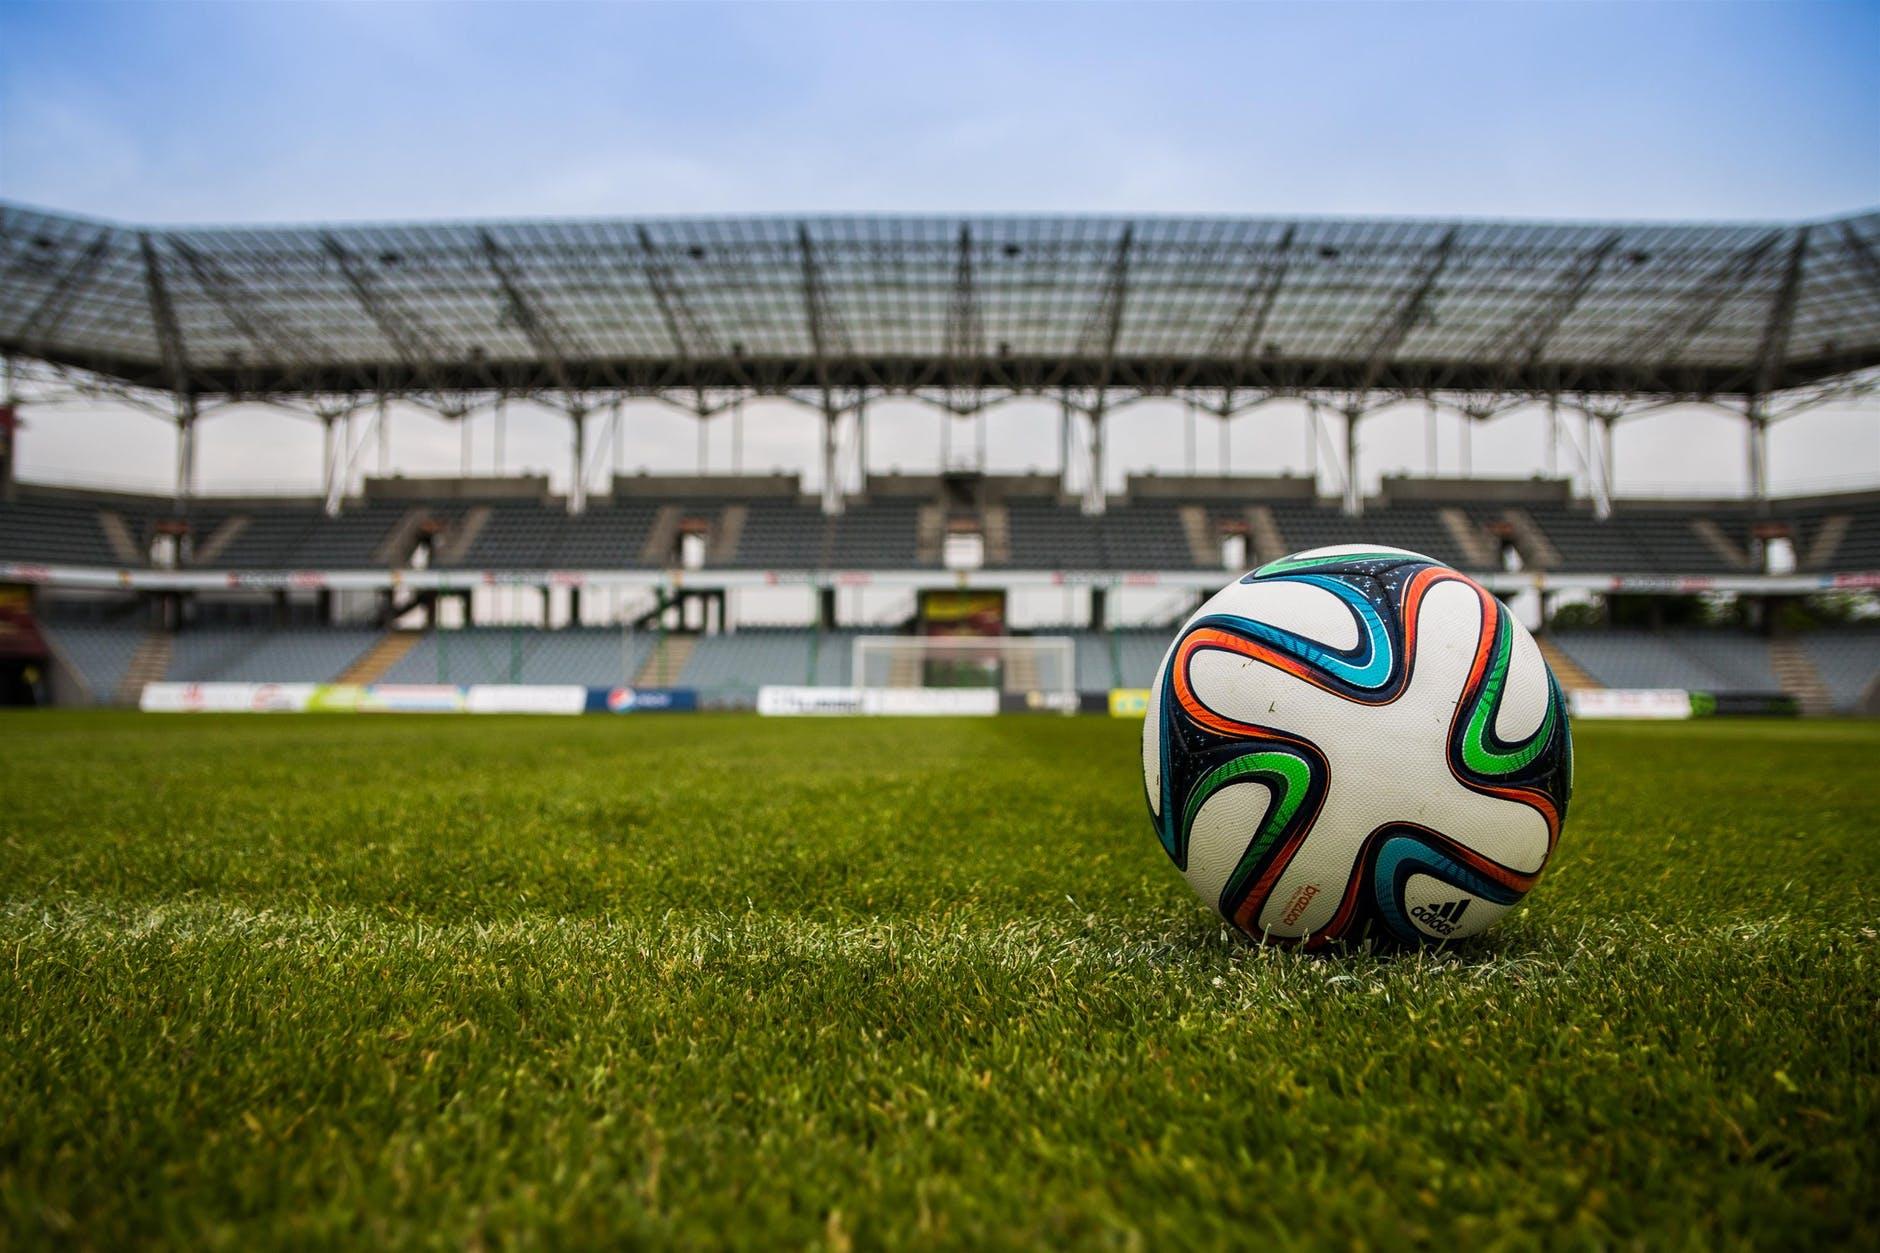 UEFA a anulat Campionatul European Under-19 gazduit de Romania